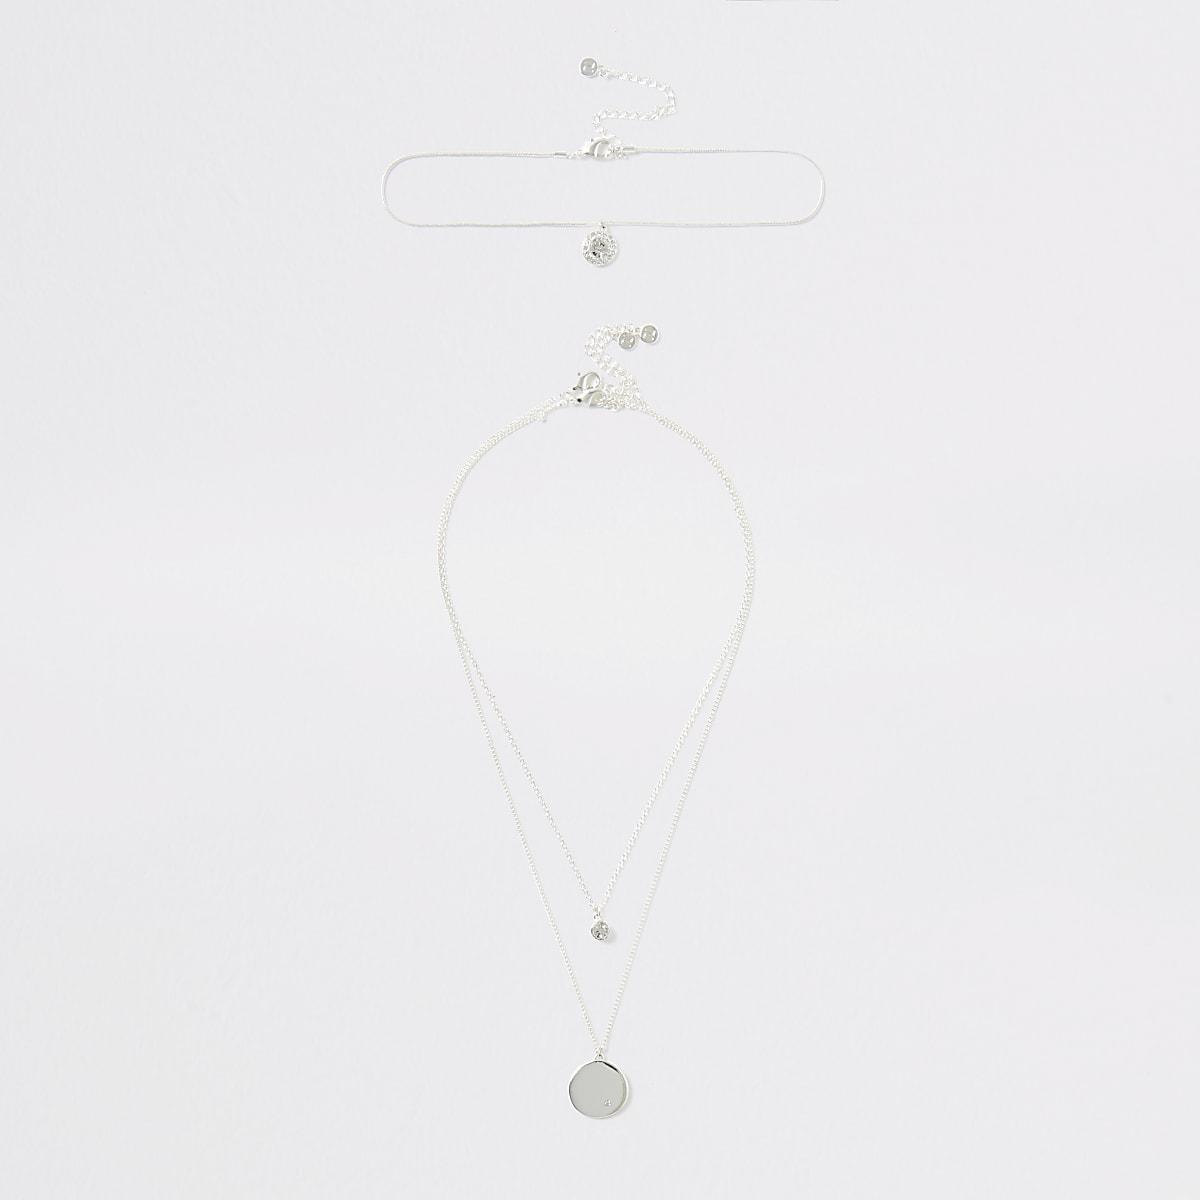 Zilverkleurige gelaagde ketting met hanger bezet met kristal